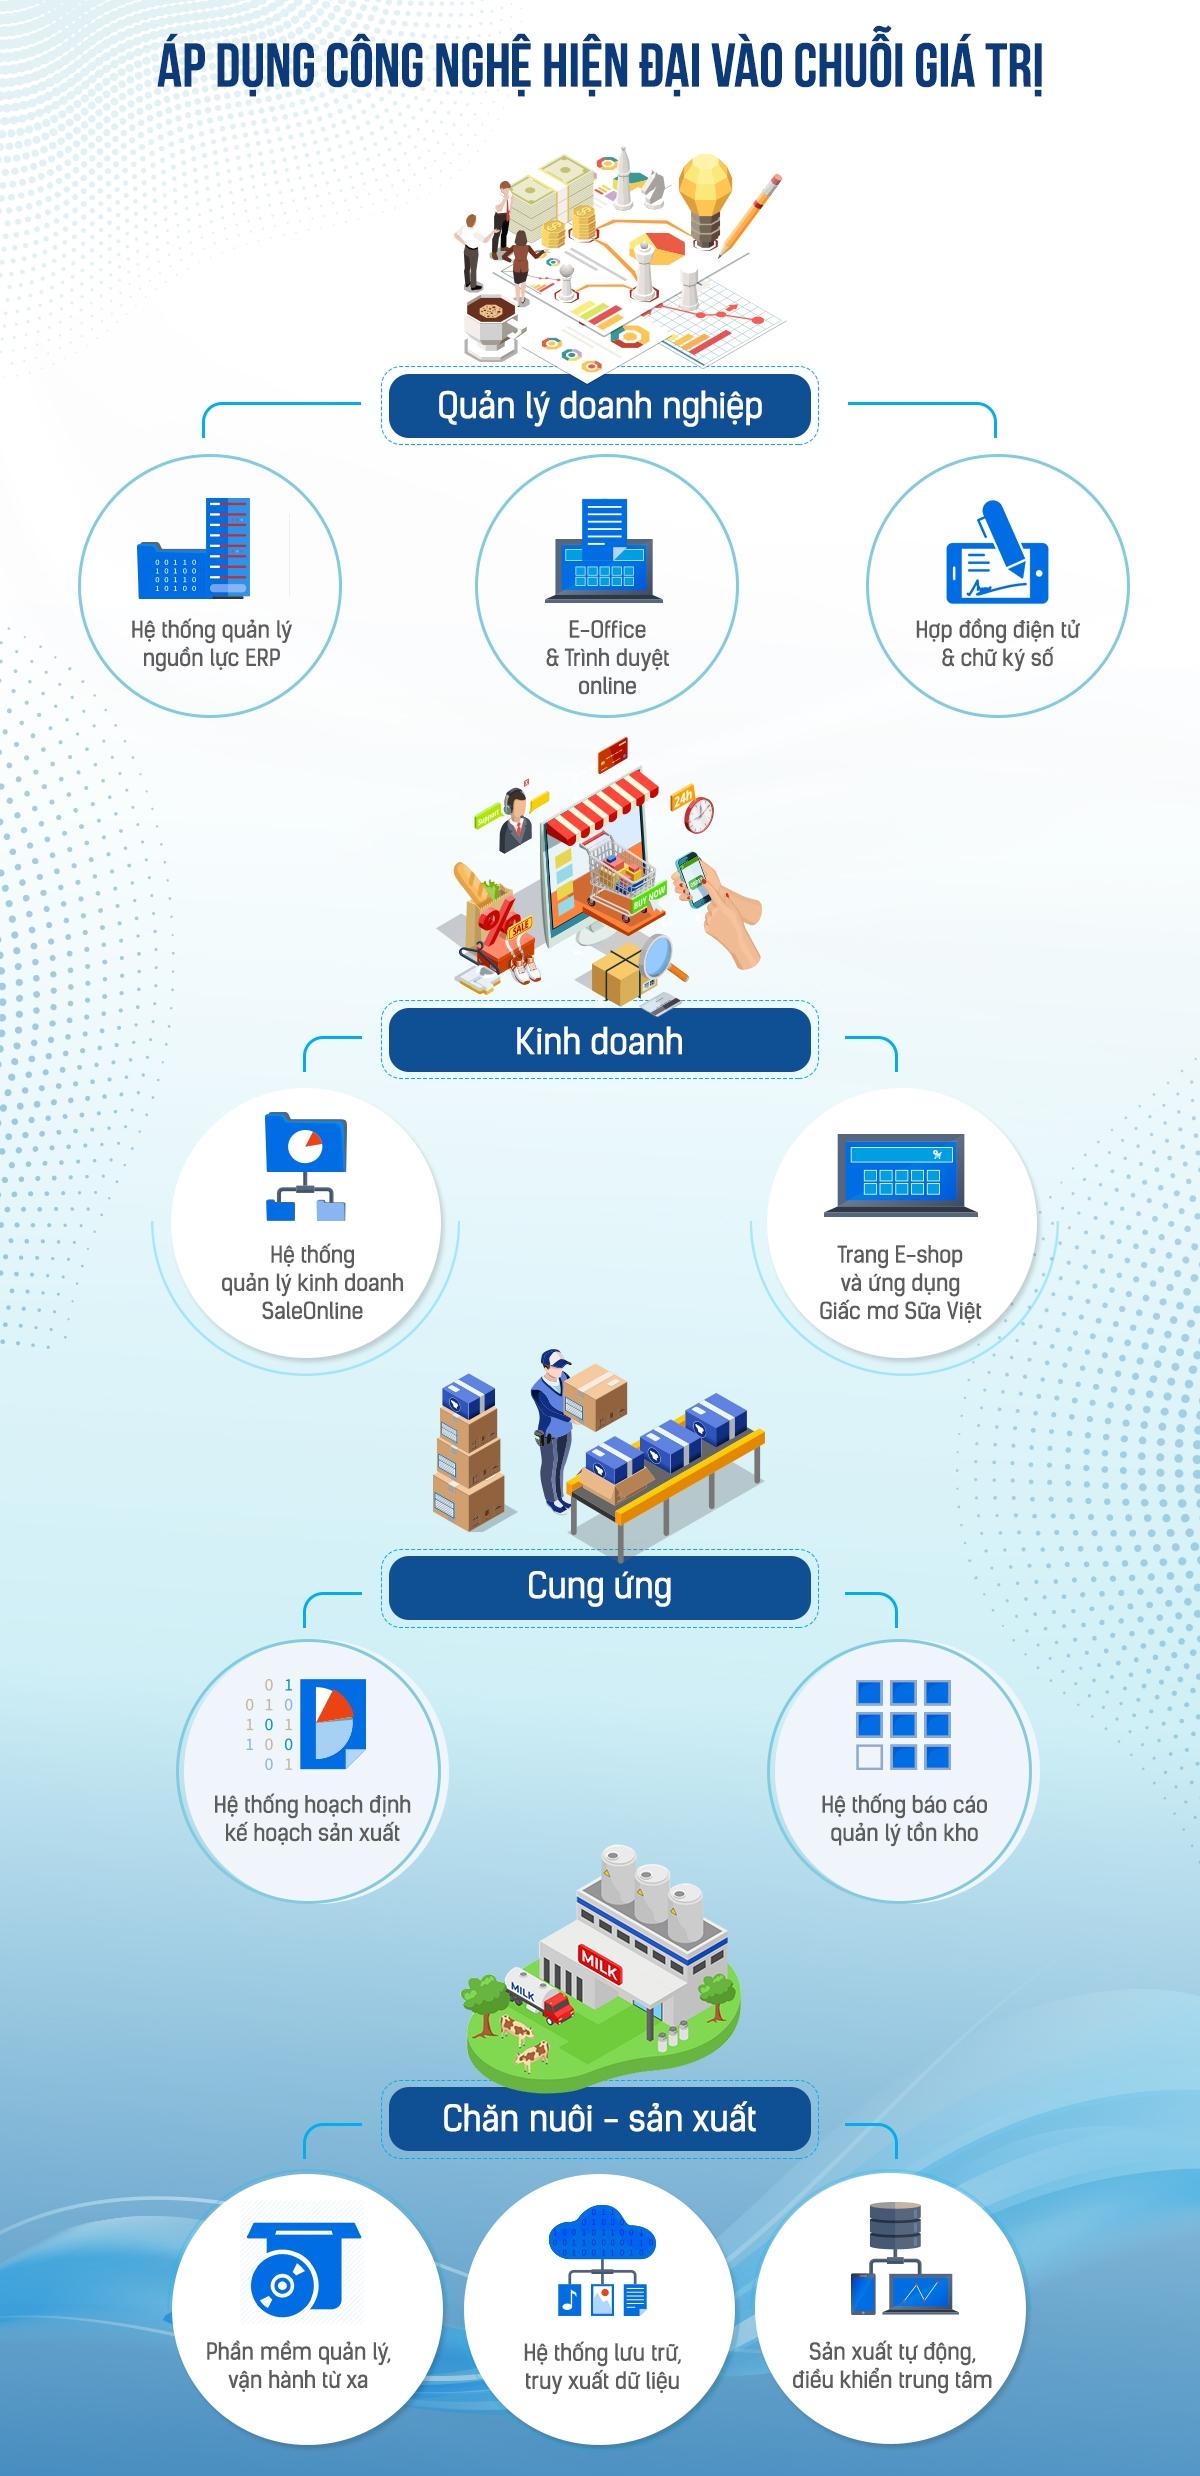 Vinamilk ứng dụng công nghệ trong nhiều khía cạnh của hoạt động và quản trị